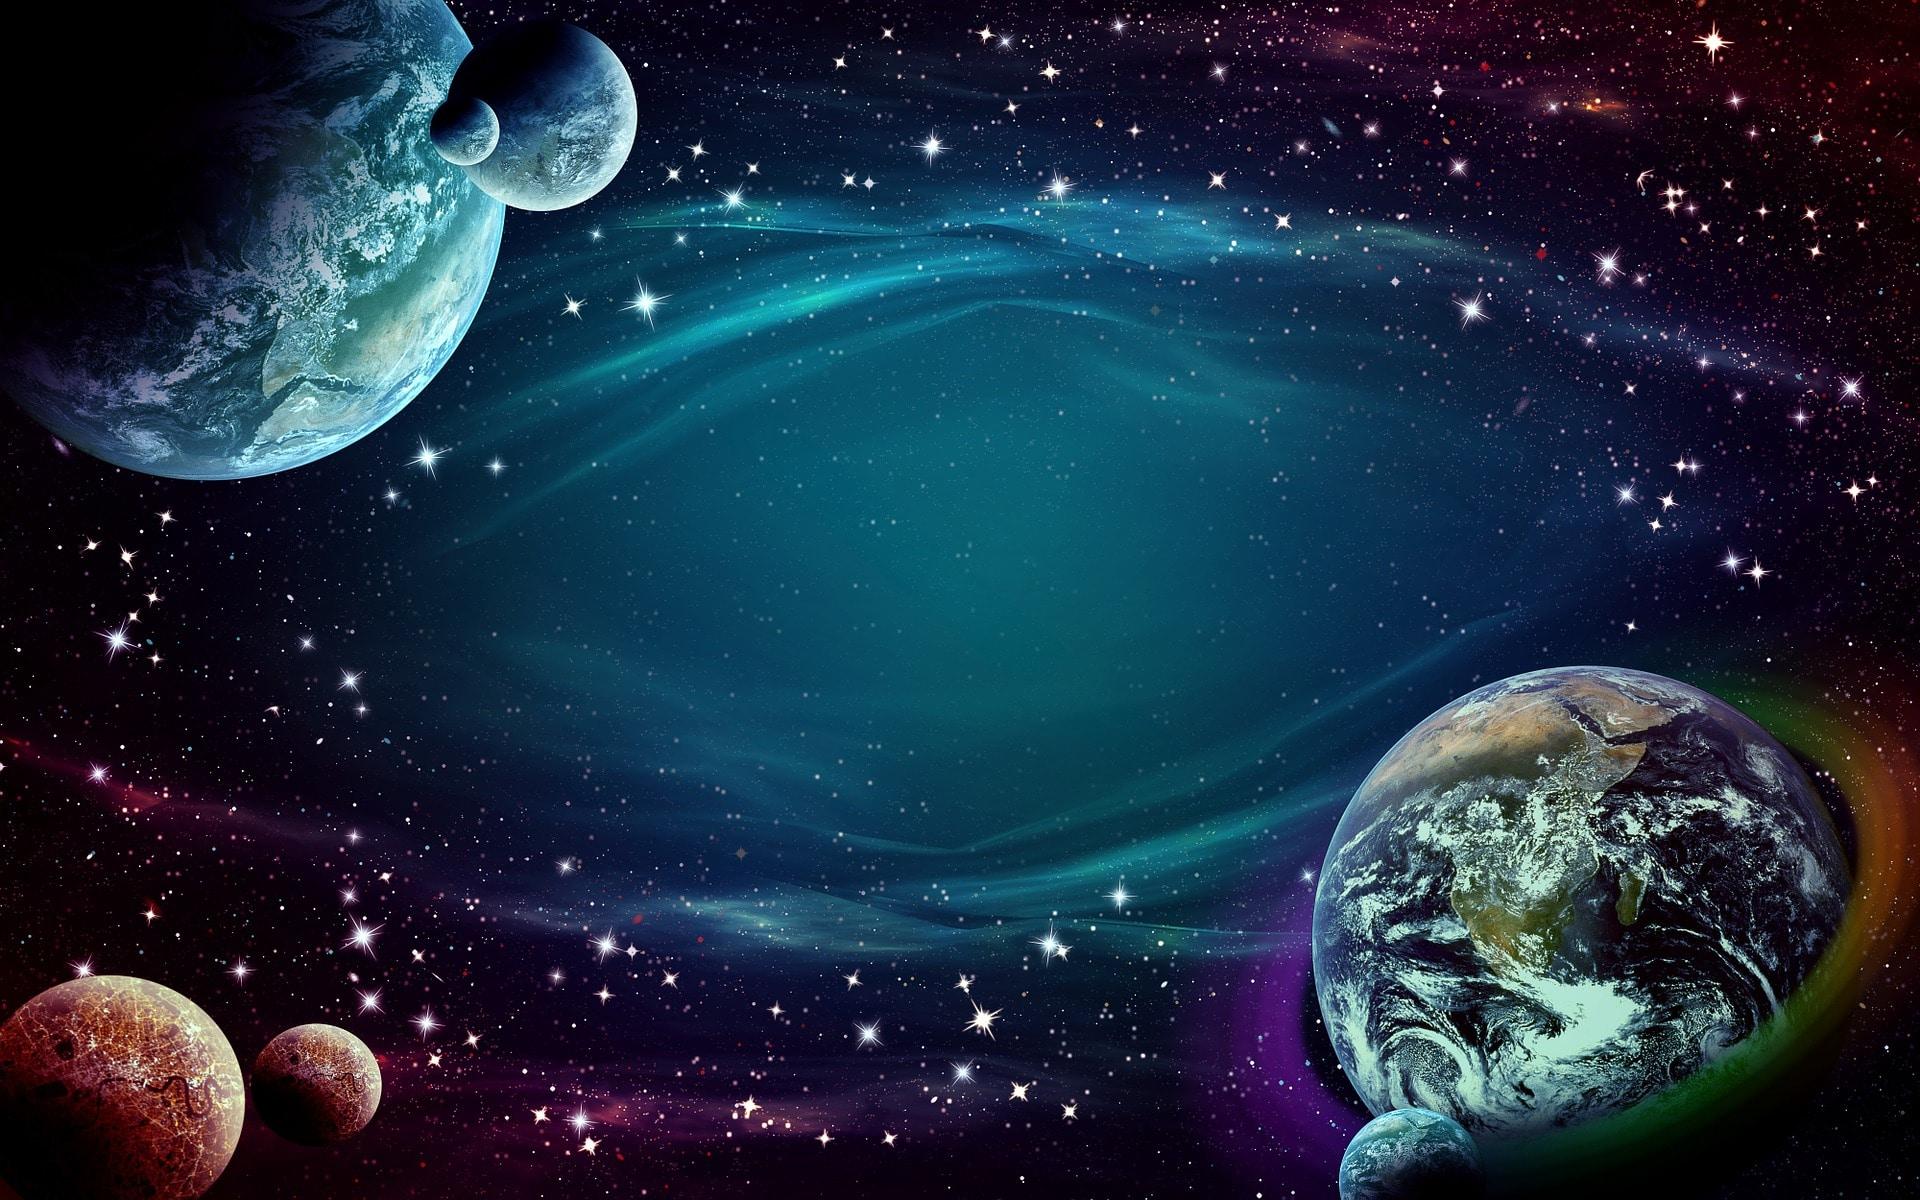 La matière noire pourrait être constituée d'antimatière